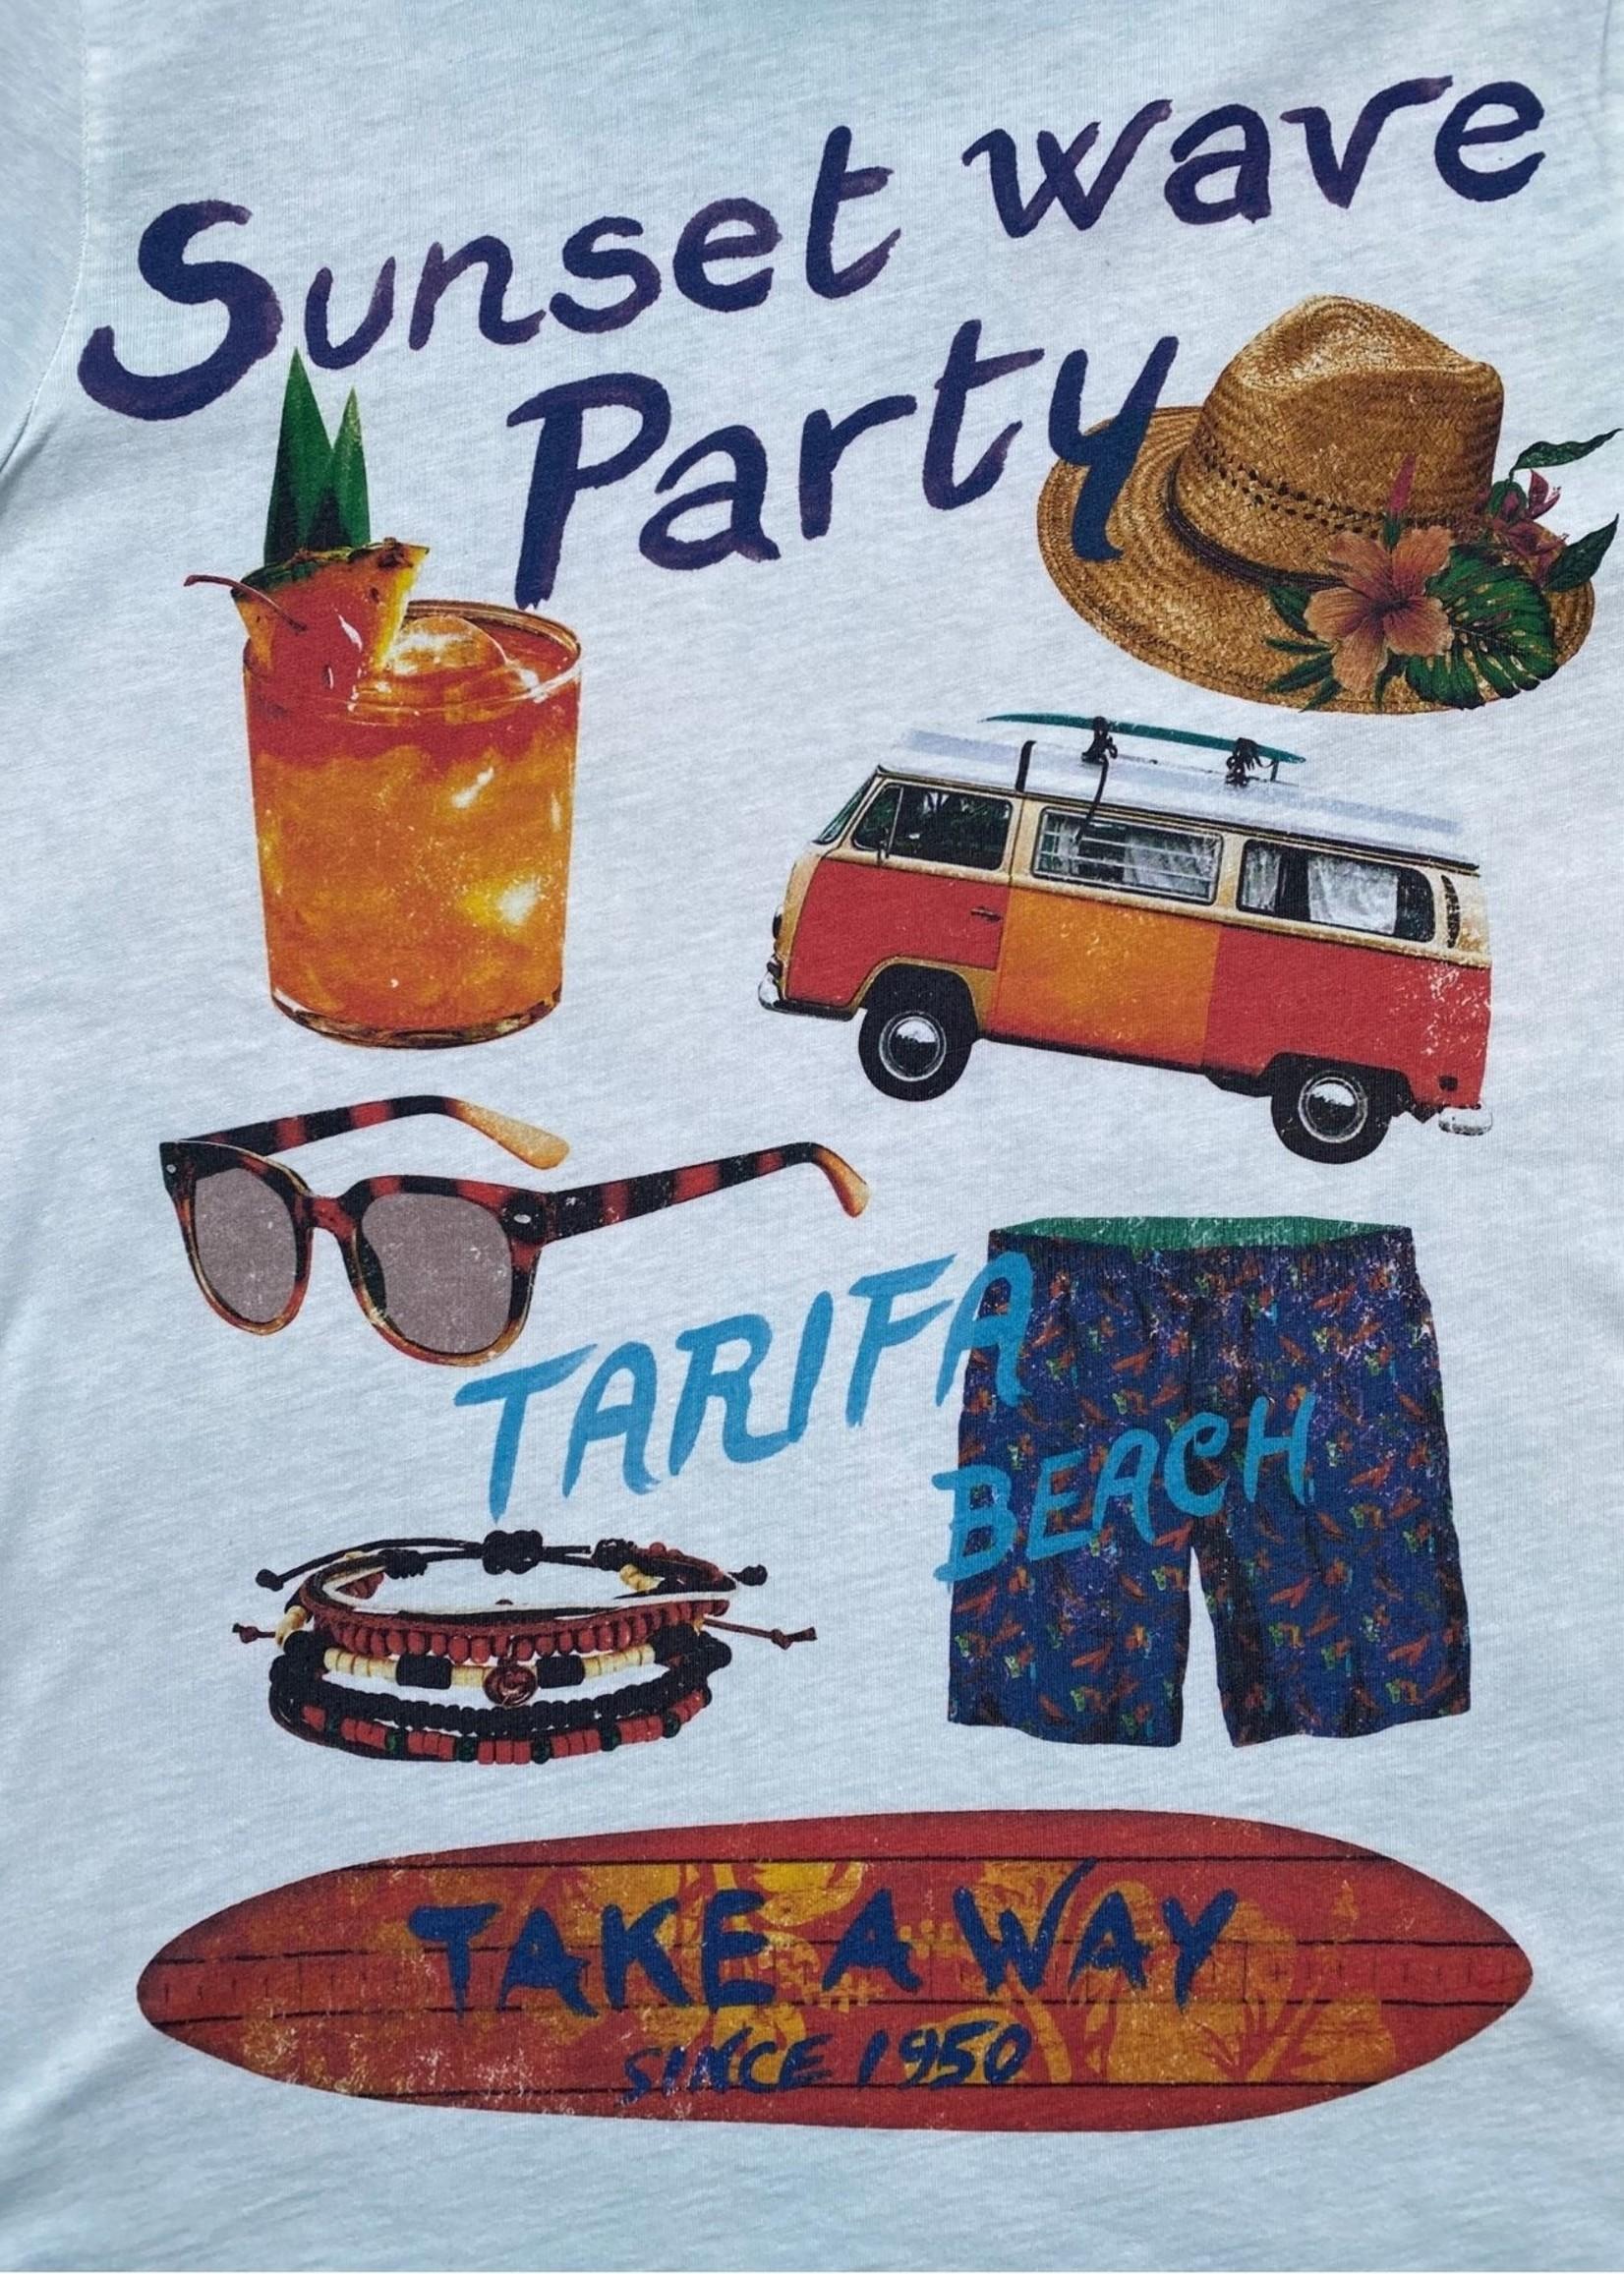 Take A Way T-Shirt Party | Lichtblauw | Take a Way